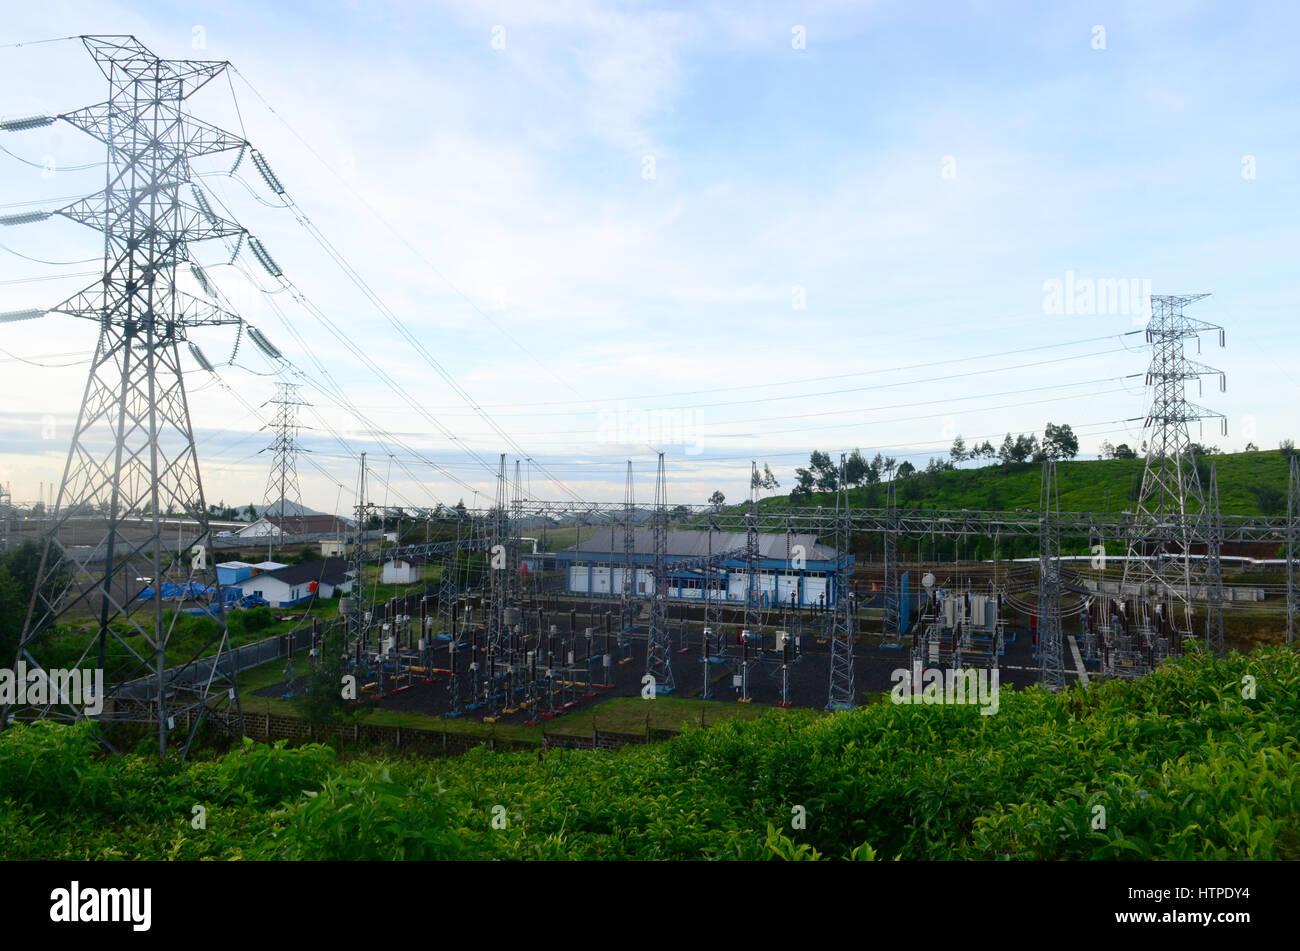 La station d'électricité avec l'Énergie géothermique Énergie proviennent d'au Photo Stock